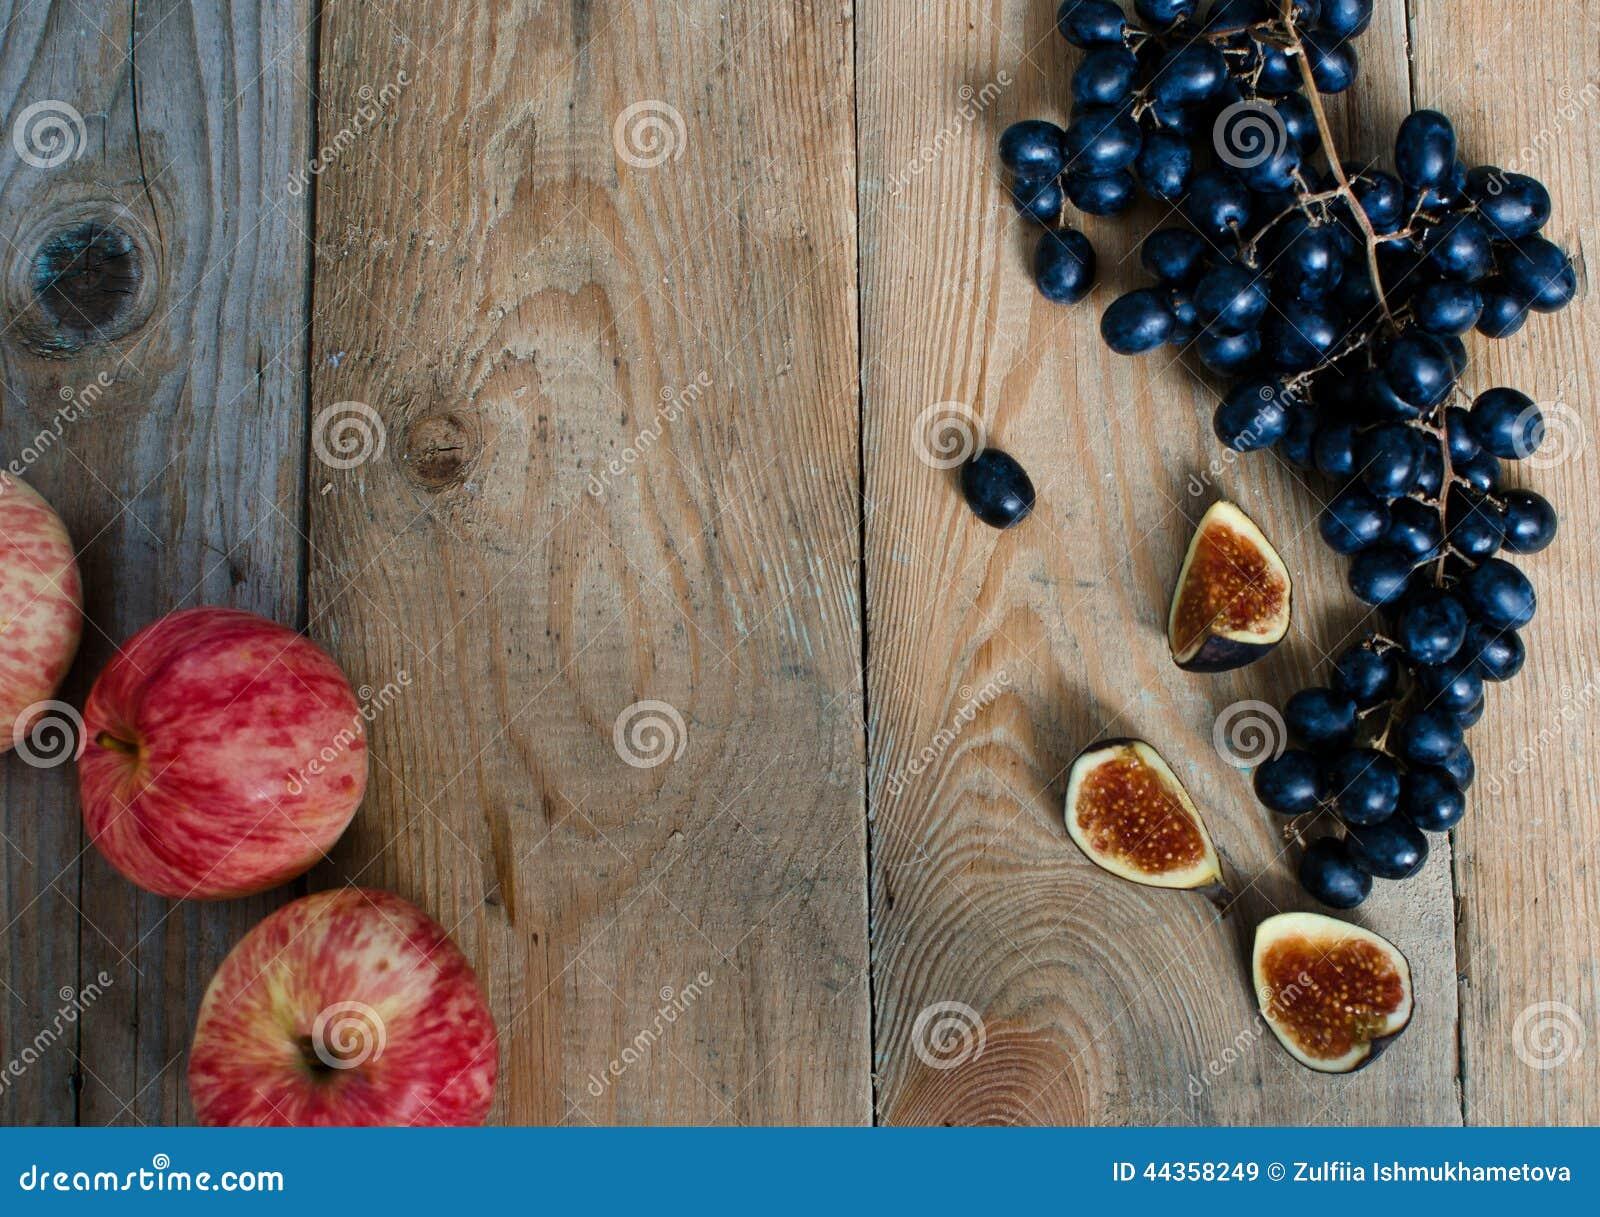 Mele, uva e fichi su fondo di legno